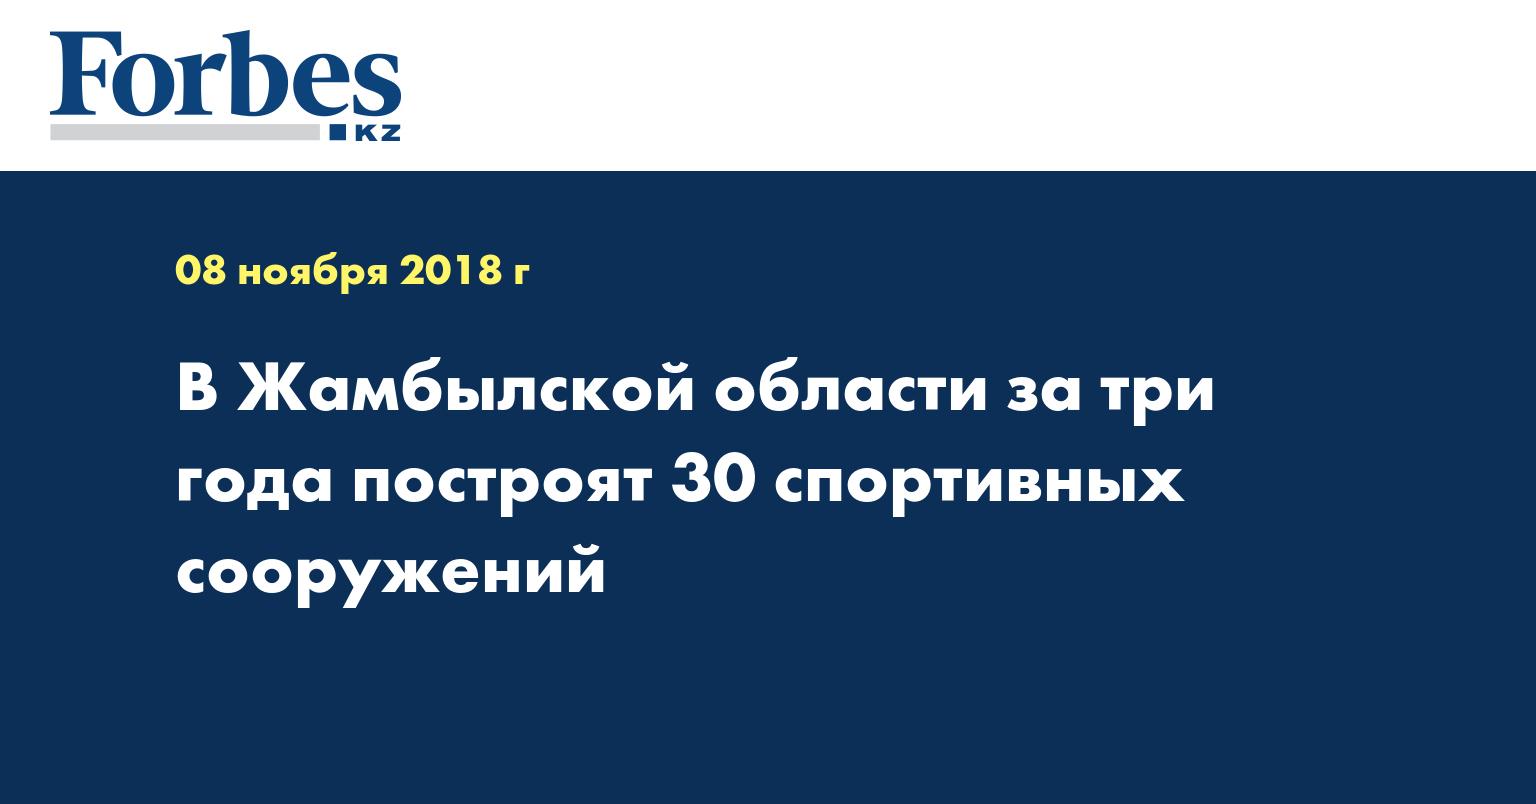 В Жамбылской области за три года построят 30 спортивных сооружений